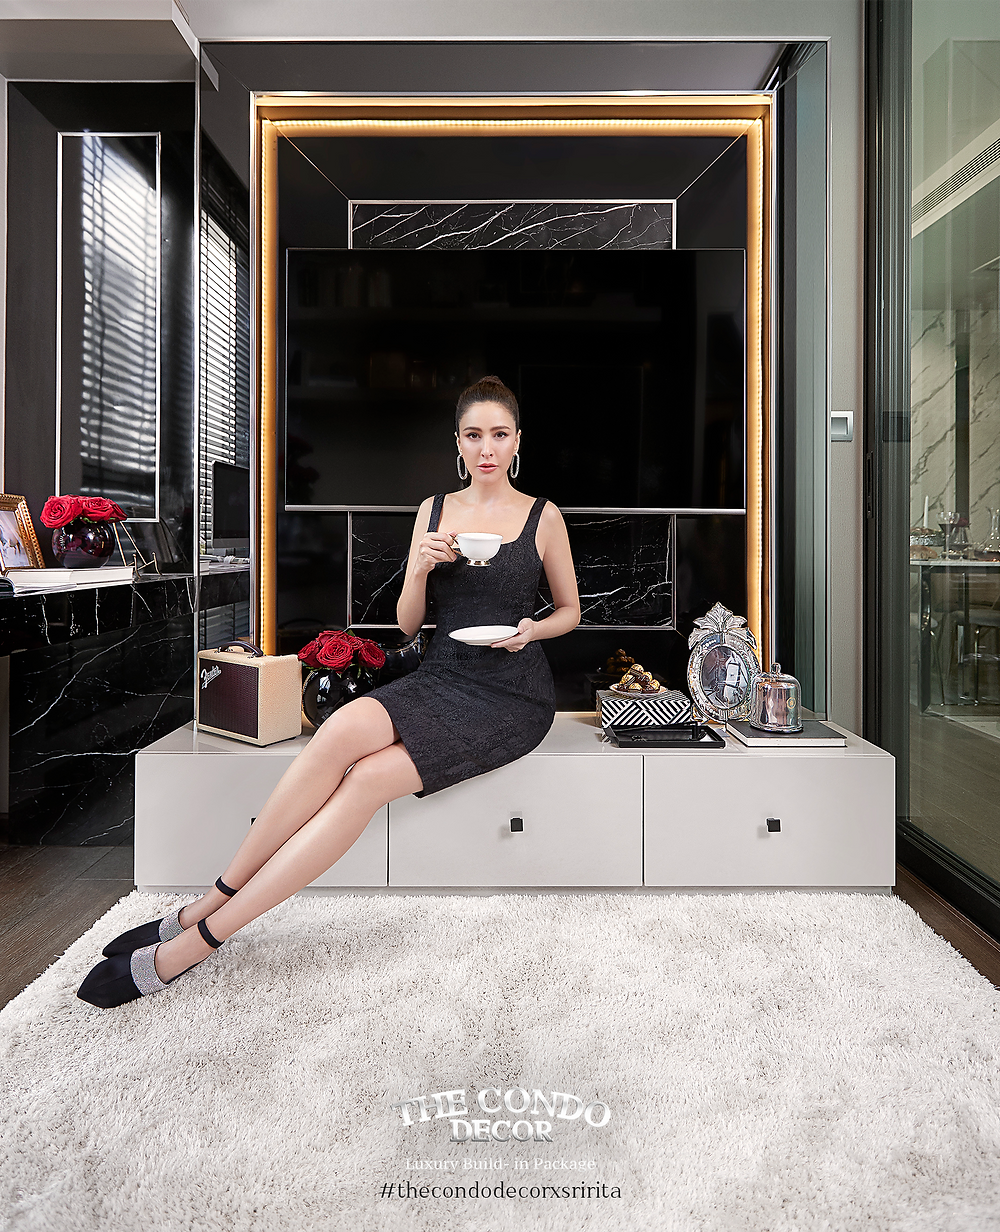 """อยู่คอนโดไลฟ์สไตล์สวยๆแบบ """"คุณศรีริต้า เจนเซ่น"""" อีกขั้นของการตกแต่งคอนโดมิเนียมเพื่อการอยู่อาศัยยกระดับ Lifestyle กับแพ็กเกจตกแต่งภายในคอนโด Modern Luxury Design จาก """"CARRARA Collection""""  THE CONDO DECOR"""